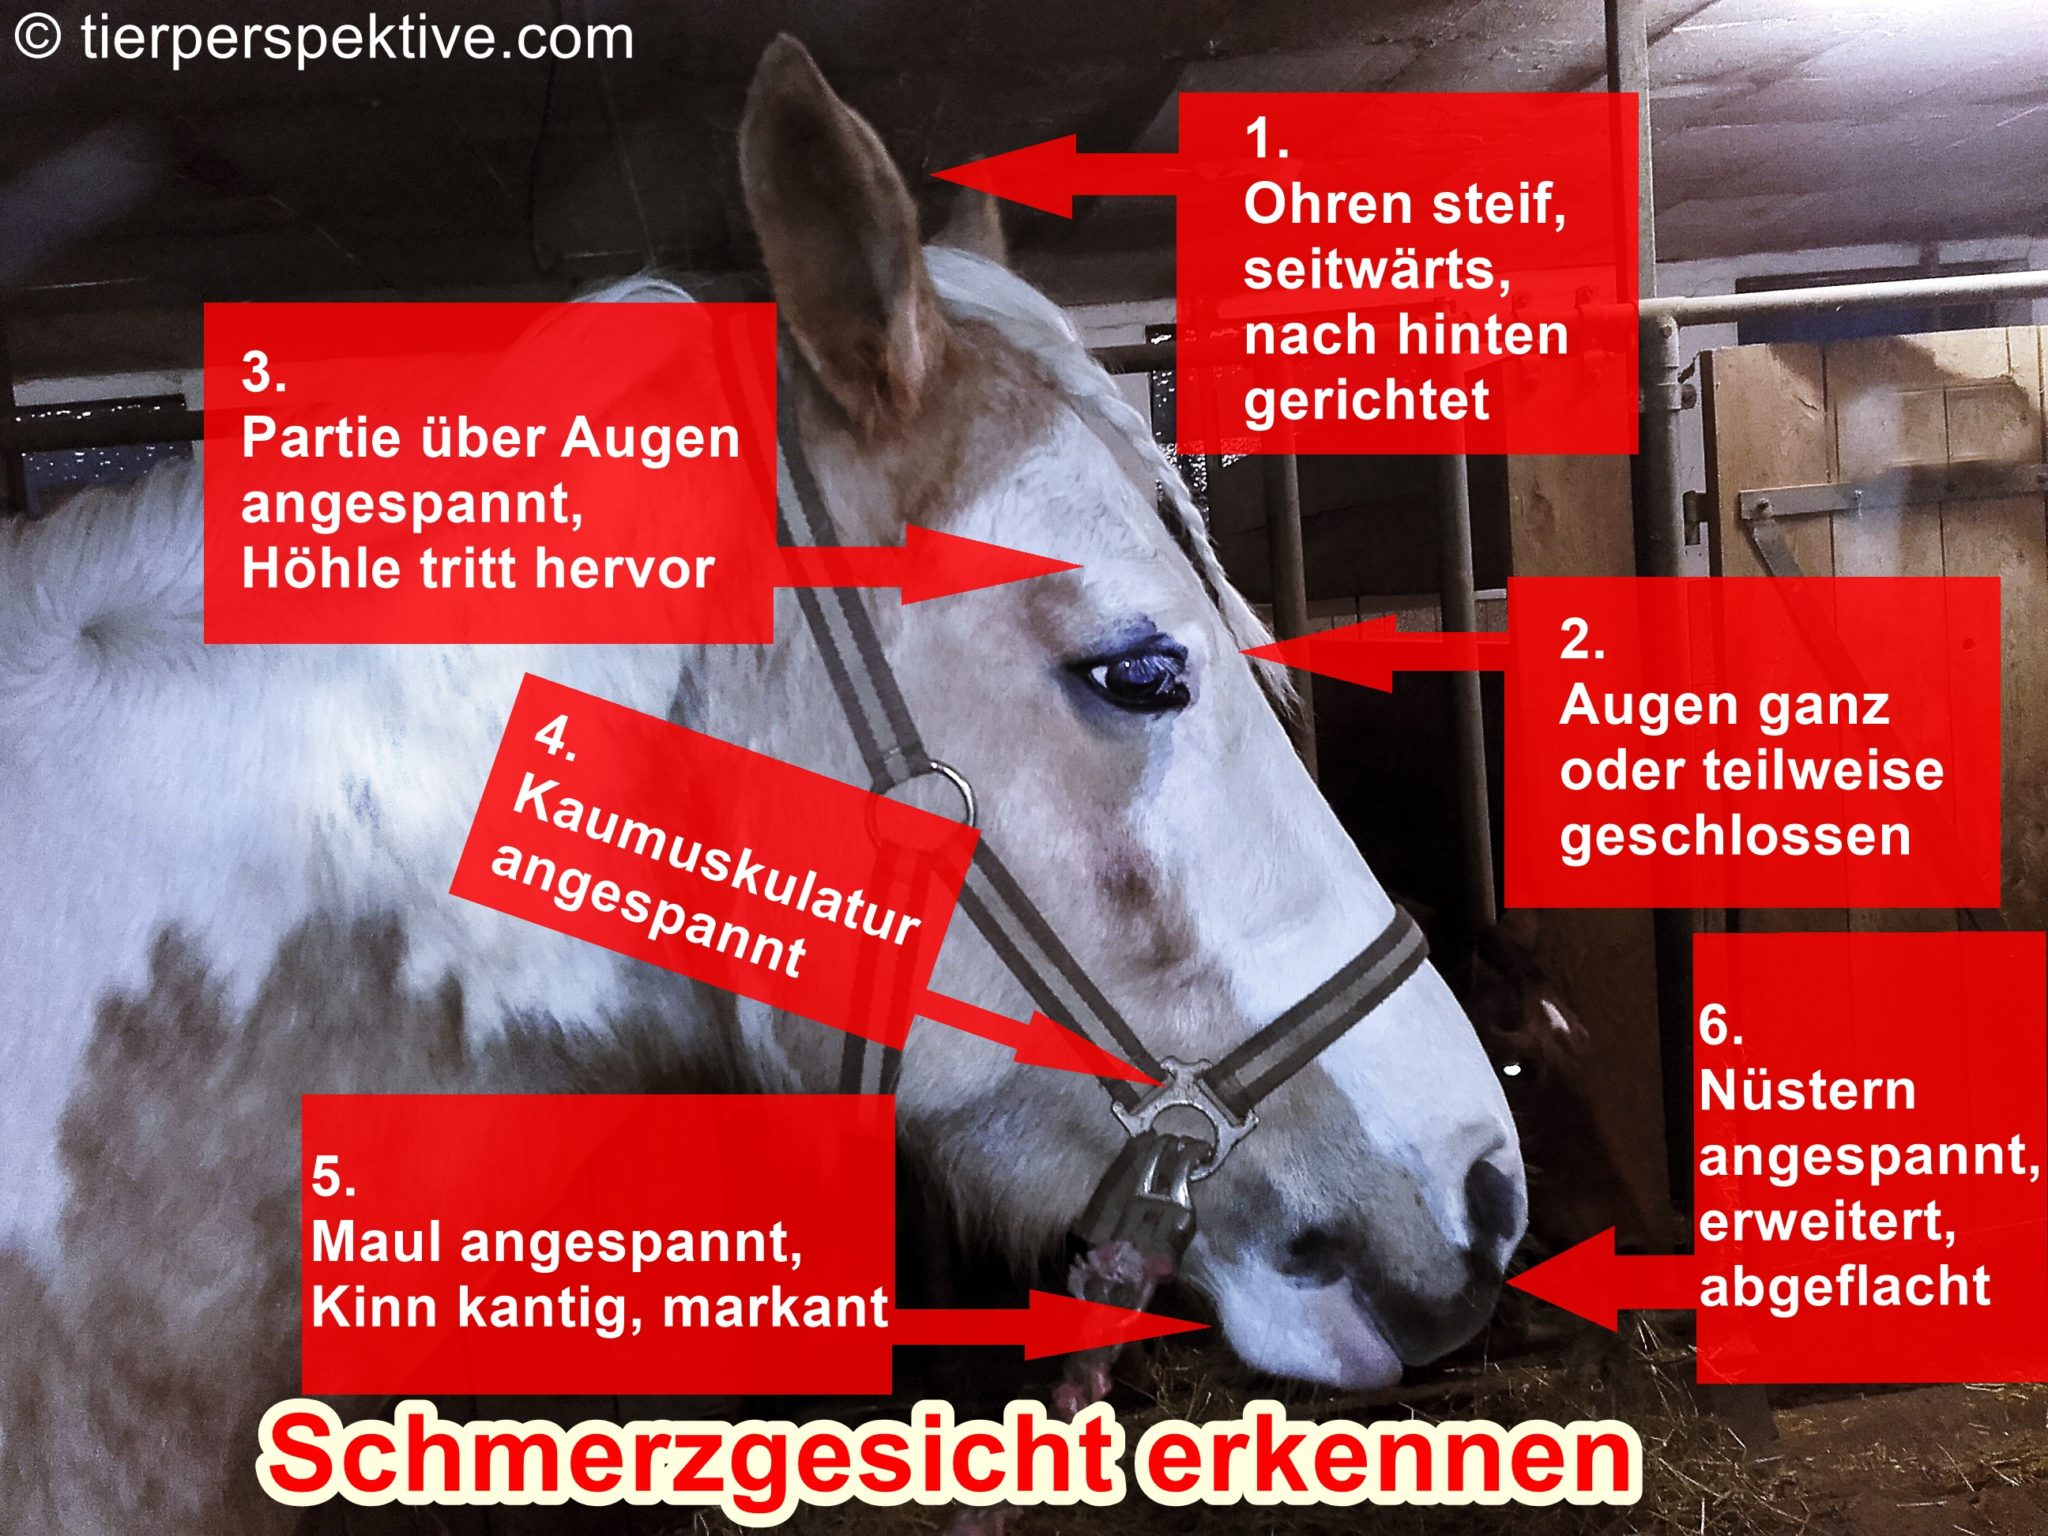 Schmerzgesicht beim Pferd erkennen